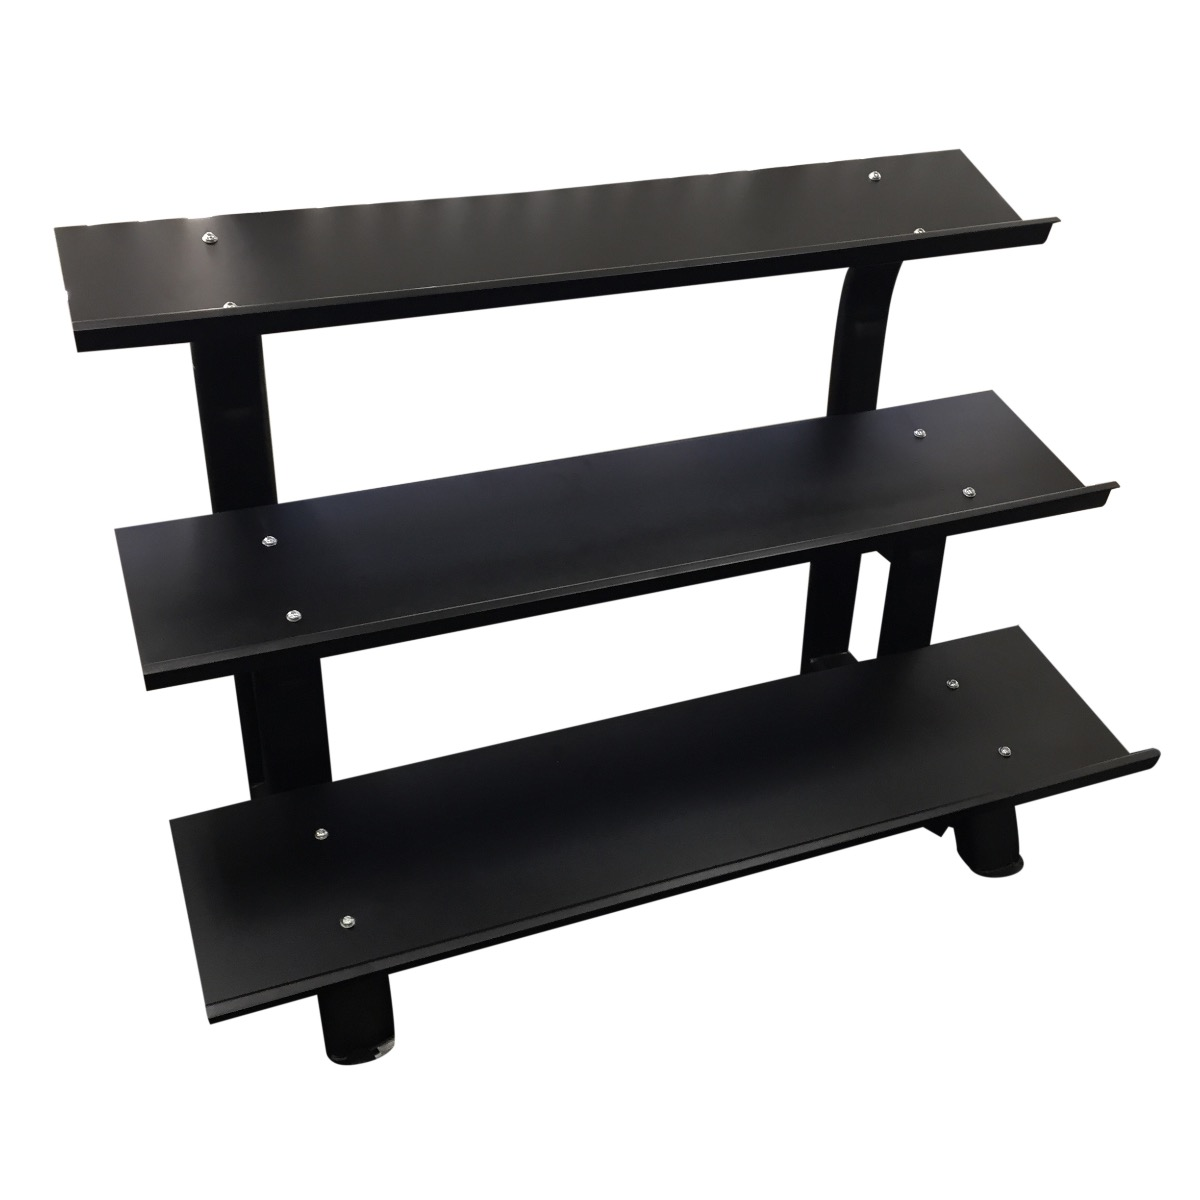 dumbbell-rack-3 tier